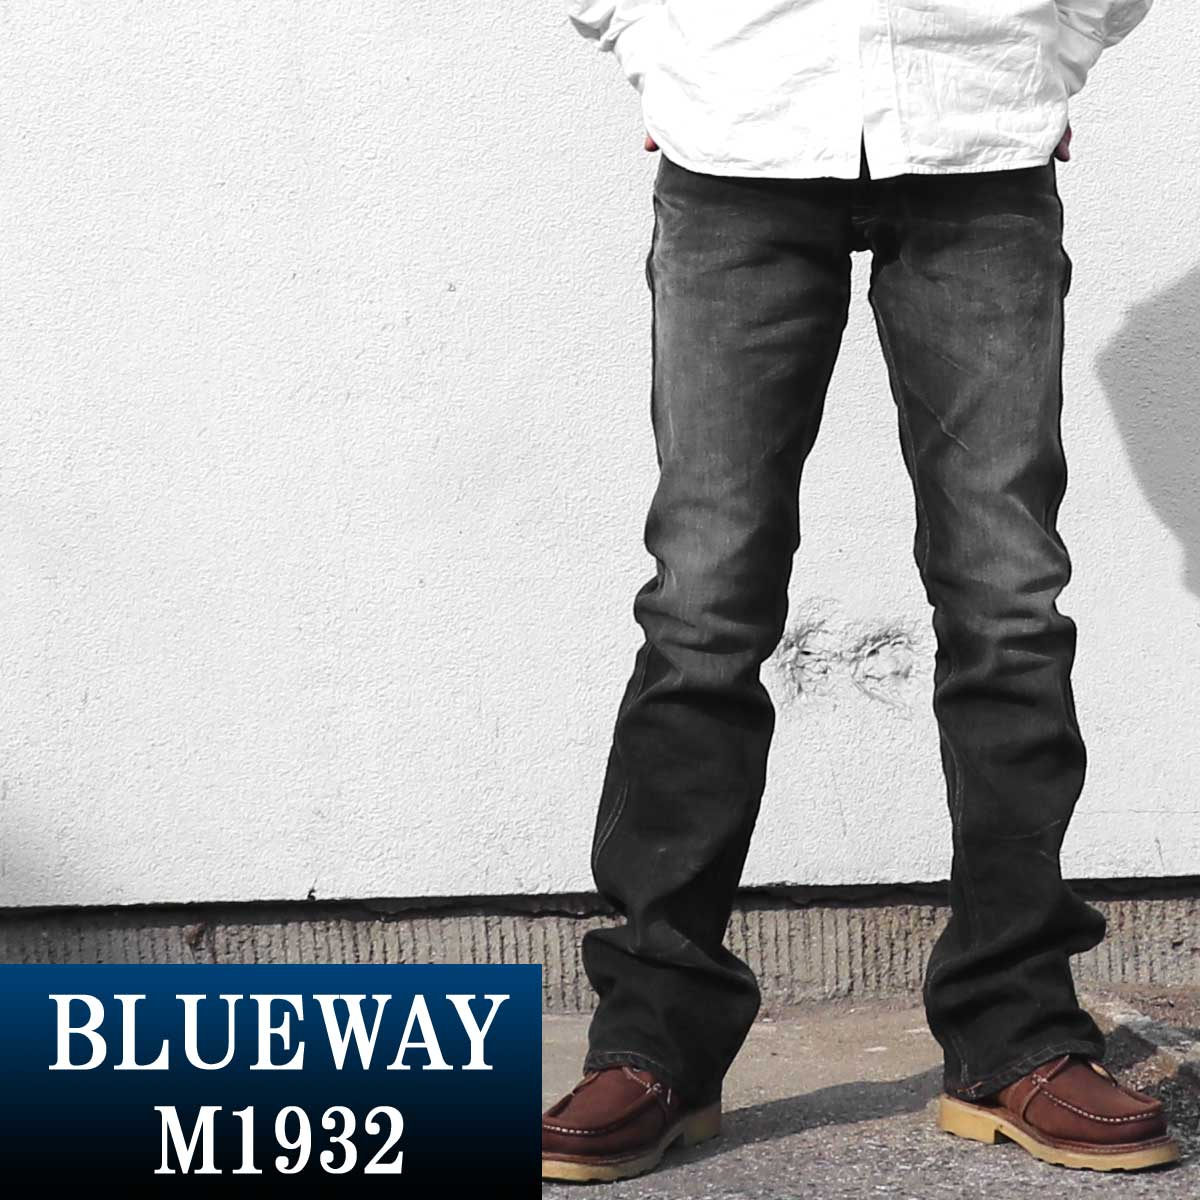 ブーツカット;BLUEWAY:ストレッチデニム・ブーツカットジーンズ(ユーズド:ブラック):M1932-4265 ブルーウェイ ジーンズ メンズ デニム 裾上げ